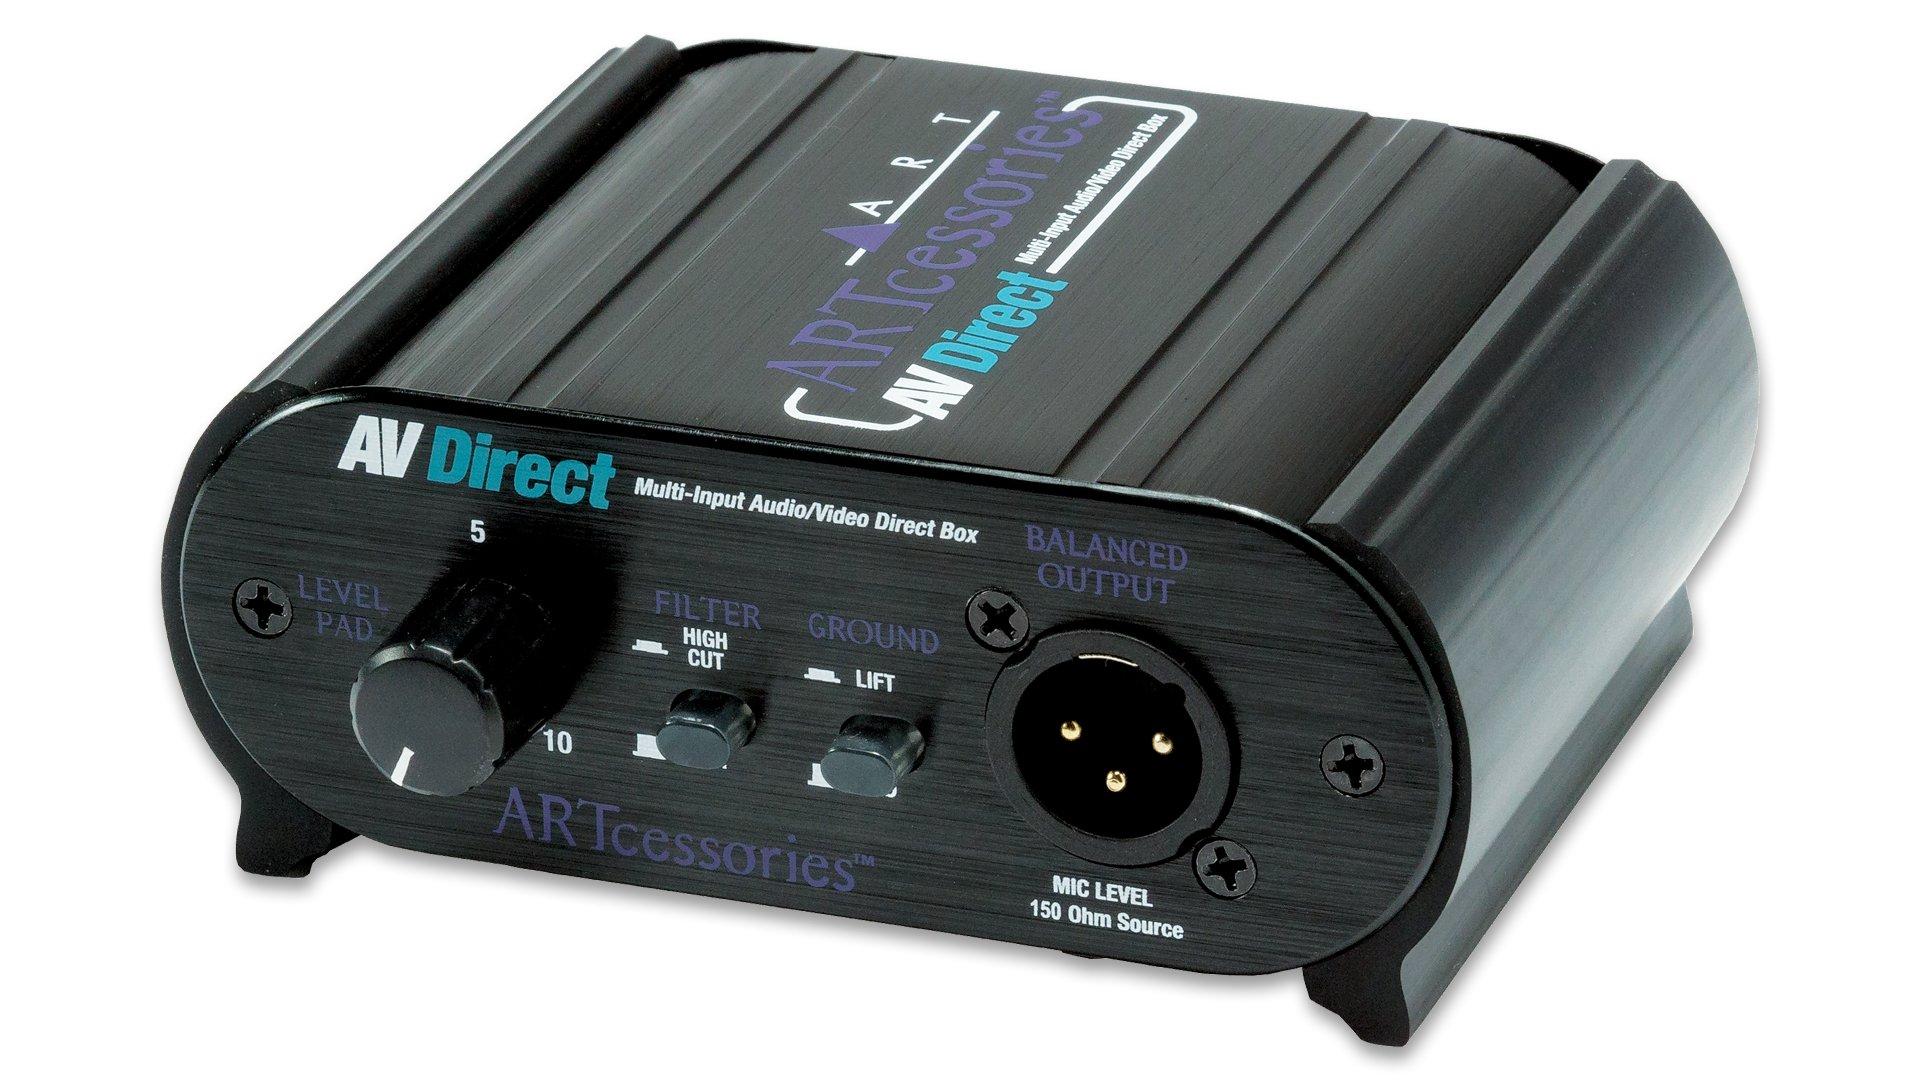 ART AV Direct Audio/Video Direct Box